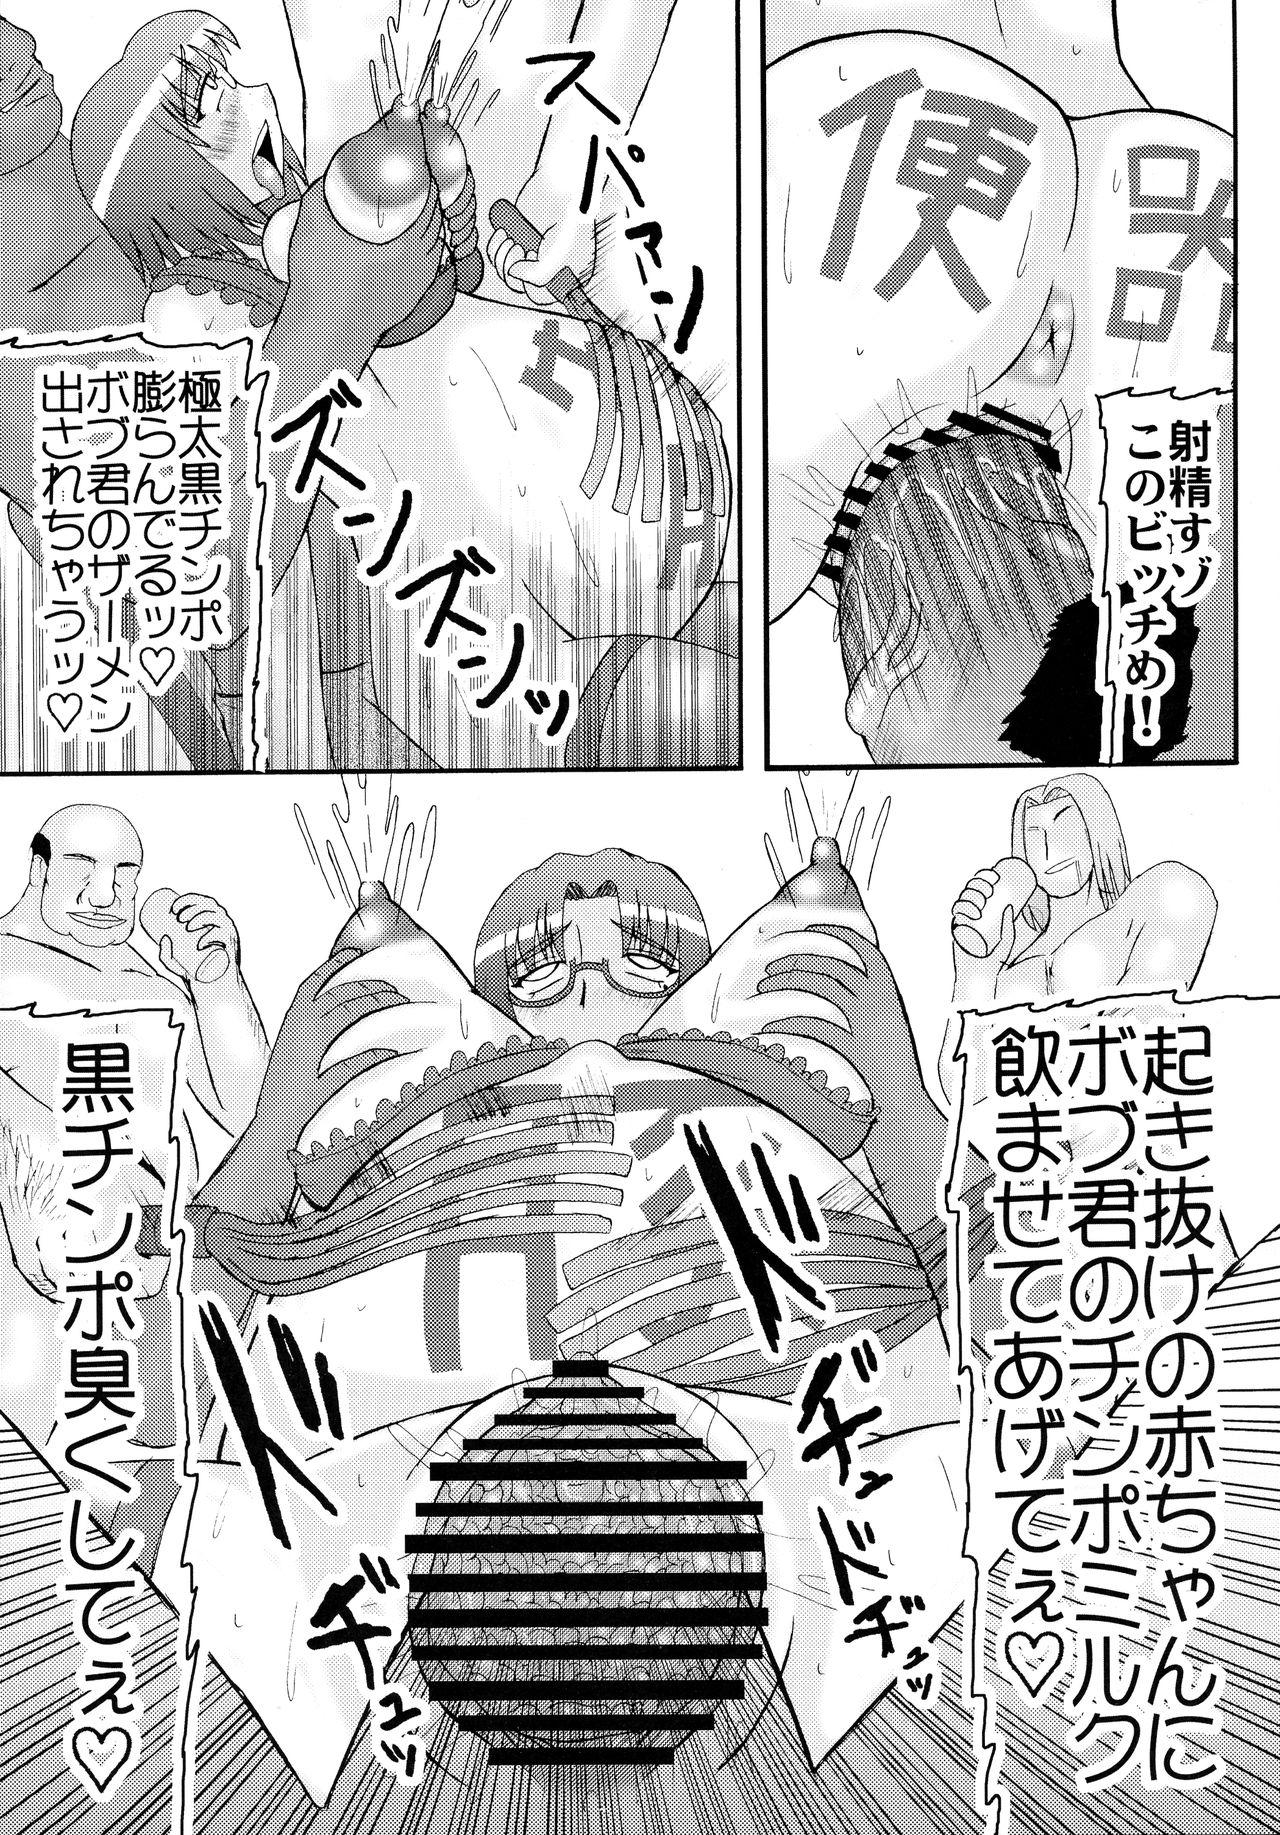 Daraku Ninpu Tsuma 3 14